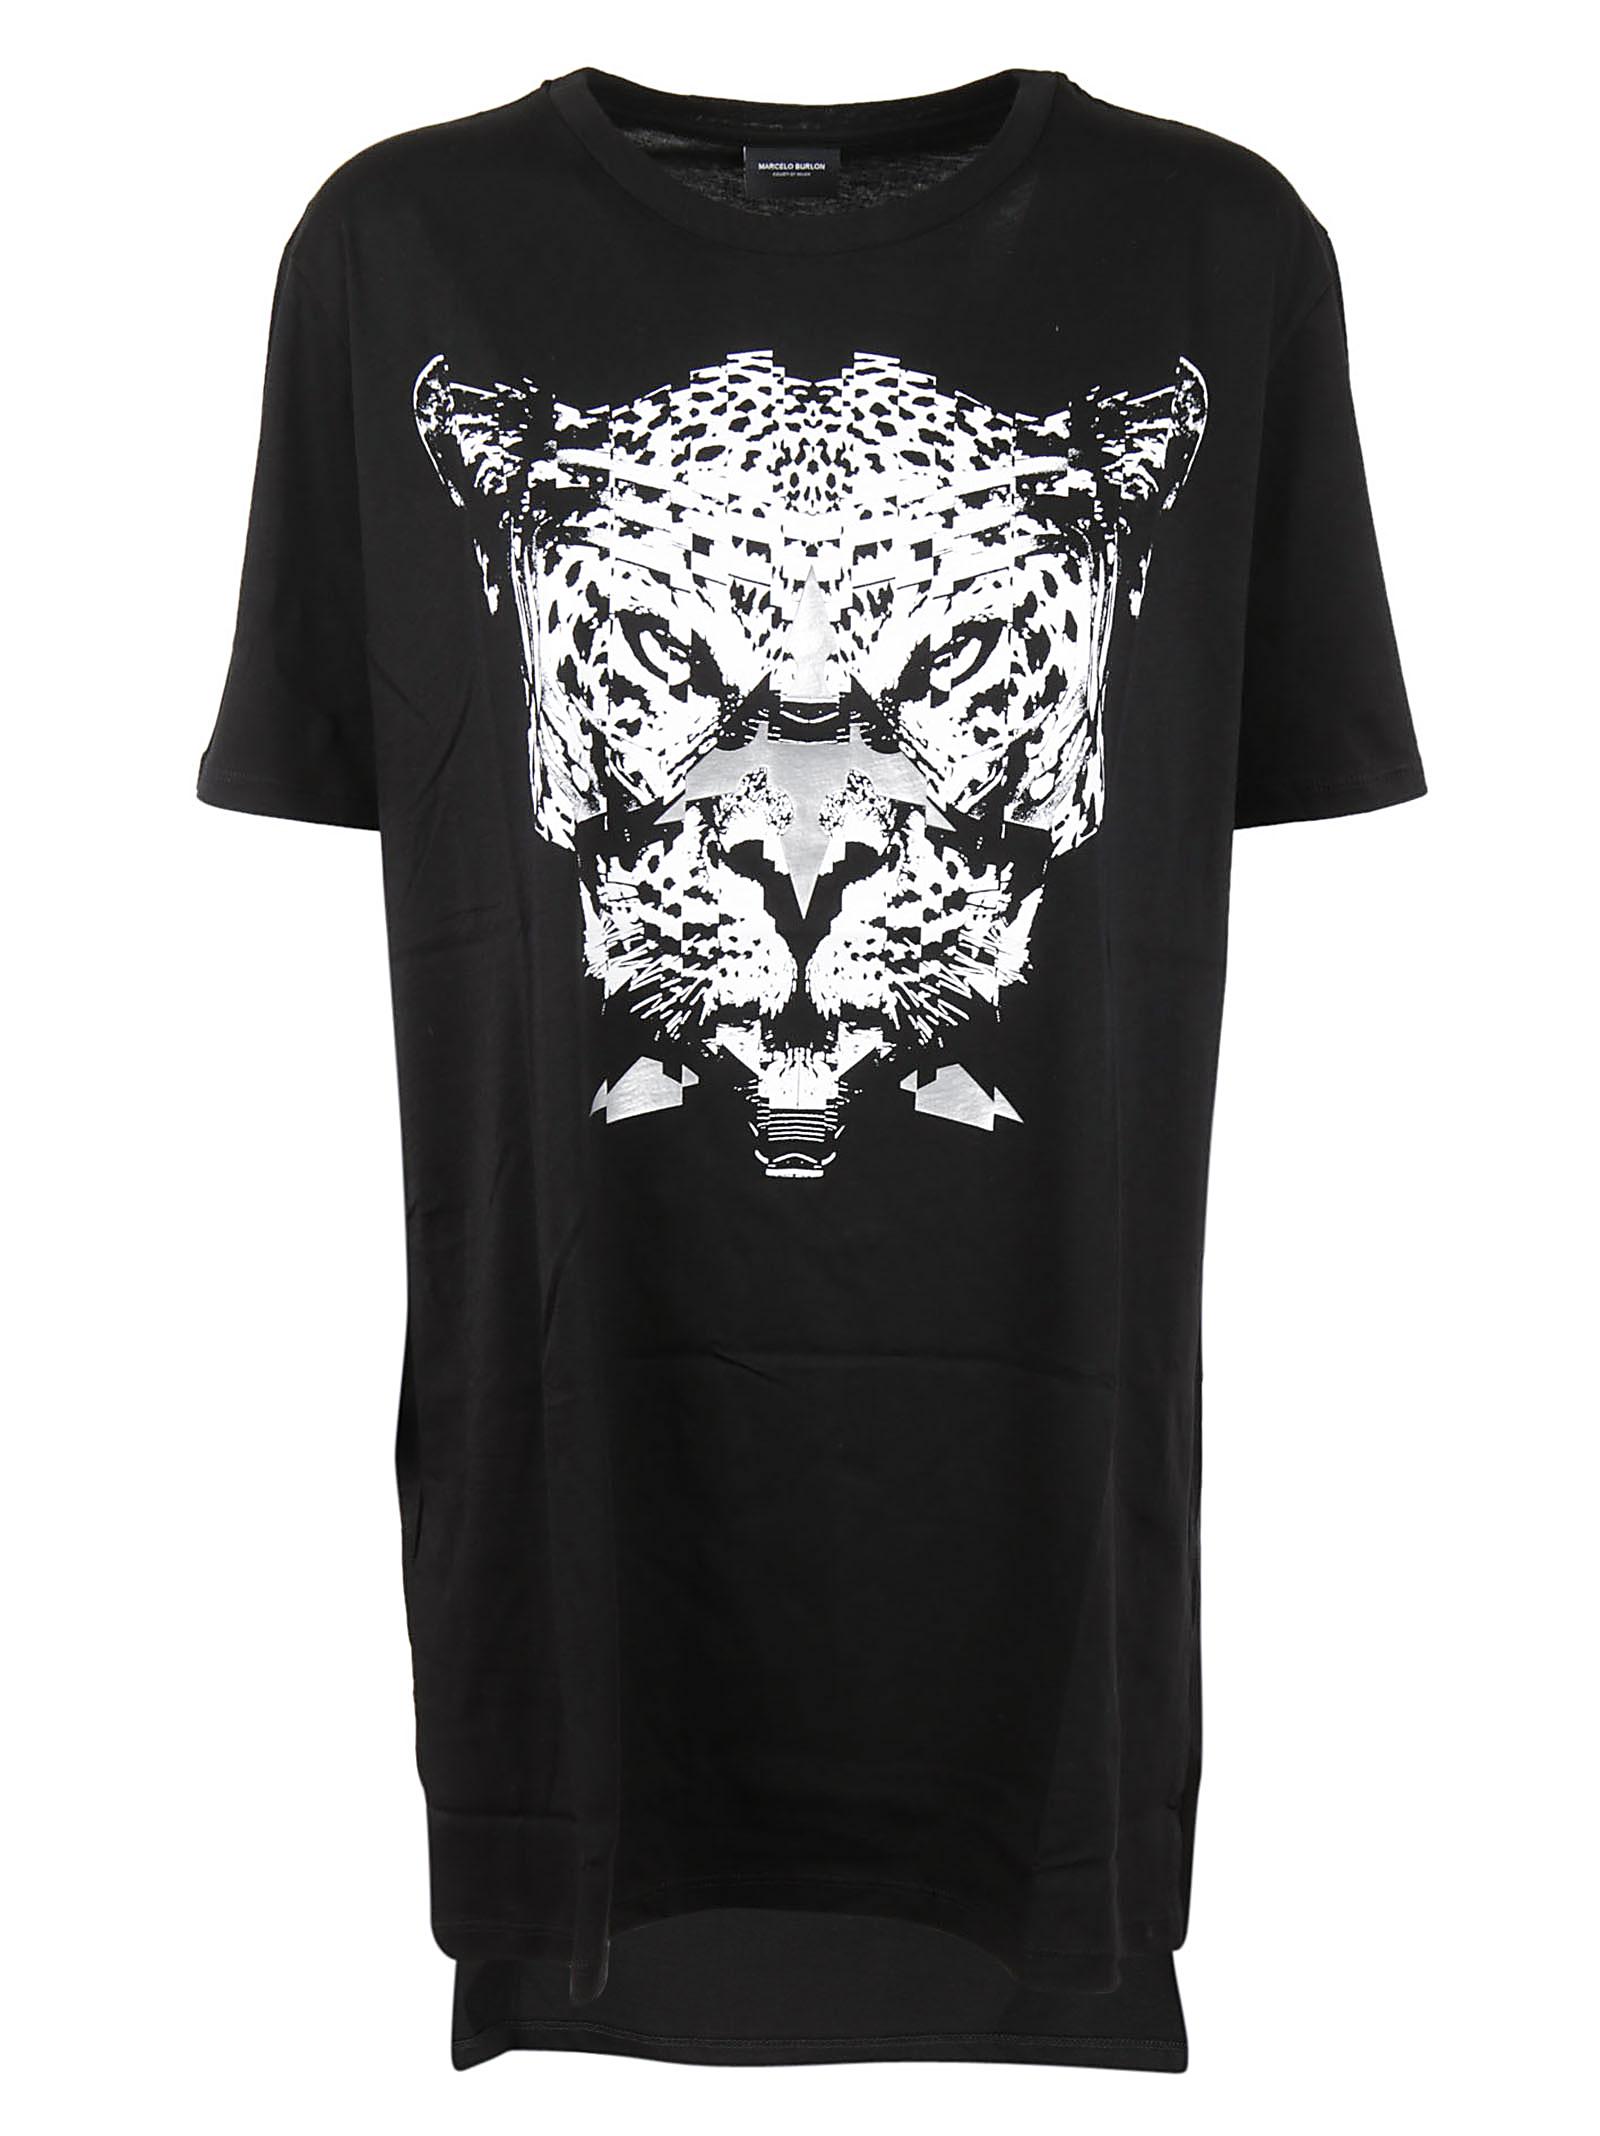 MARCELO BURLON WOMAN Marcelo Burlon Leopard Print T-shirt